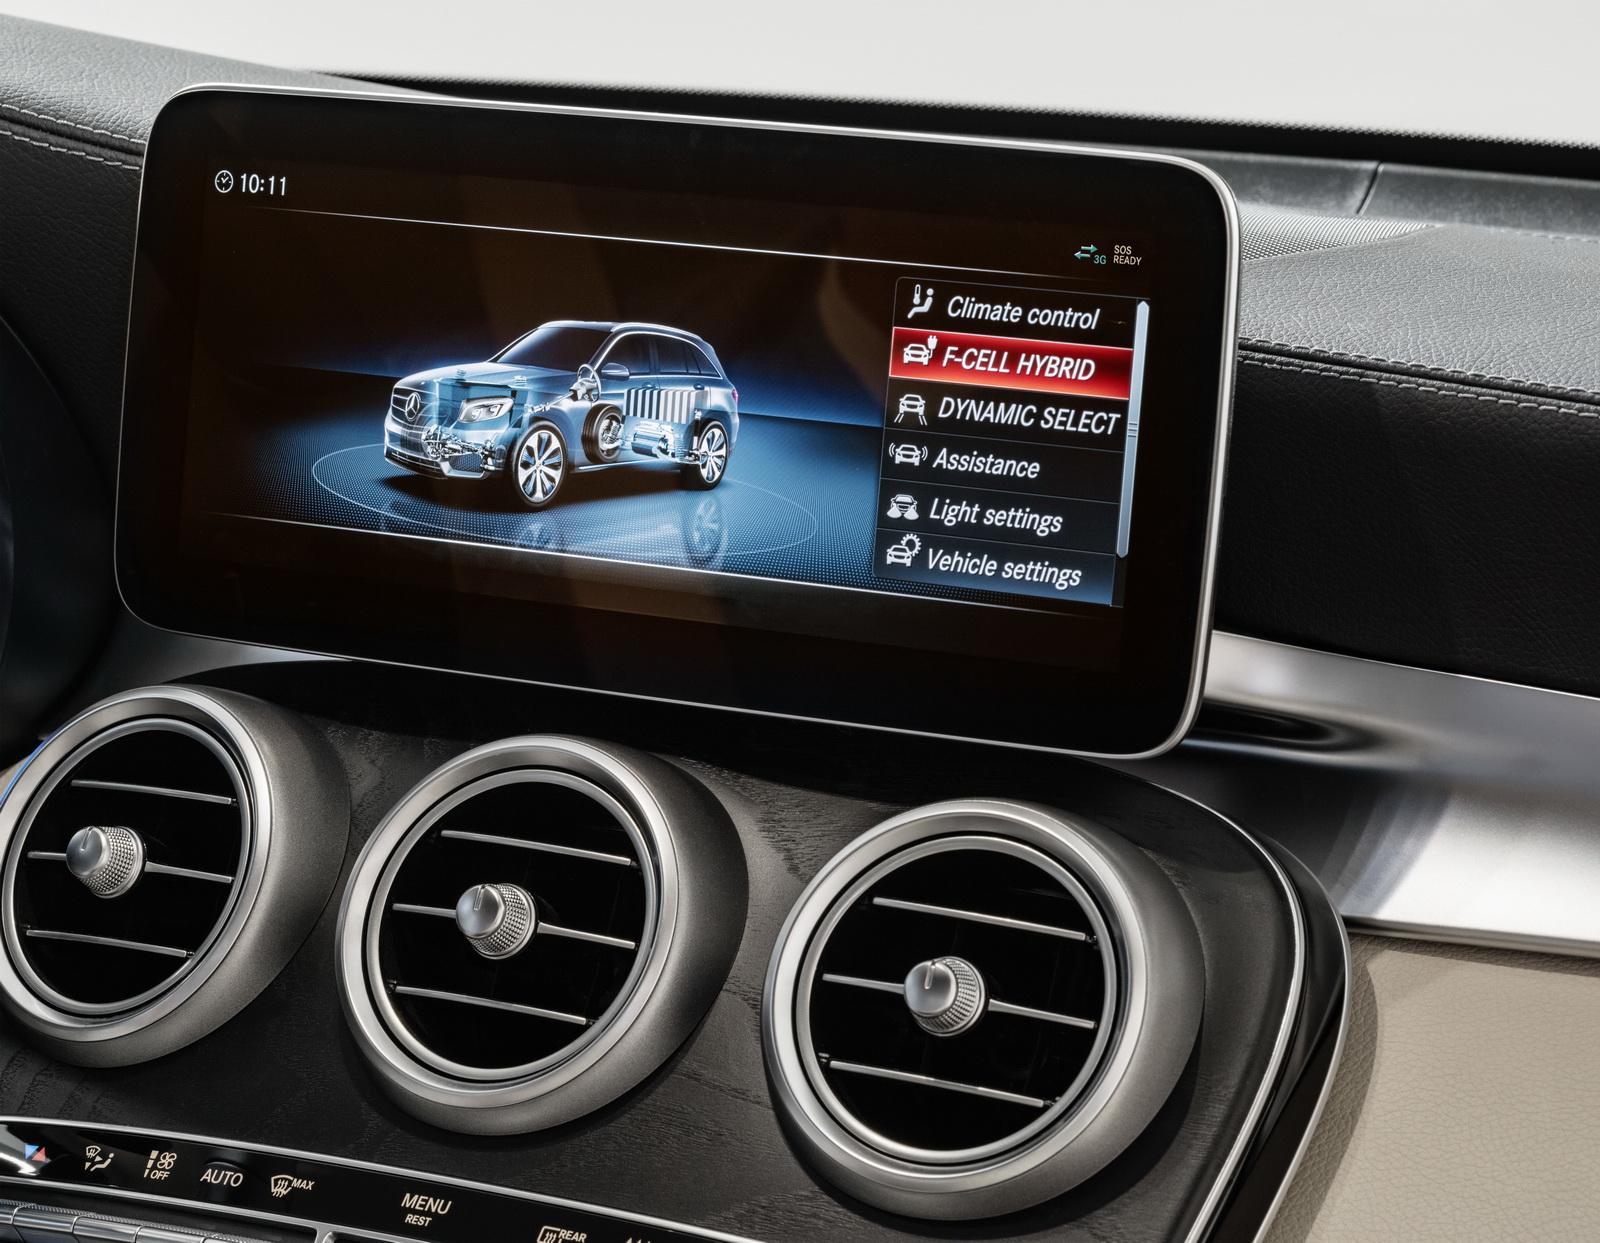 Mercedes-Benz präsentiert auf der IAA 2017 in Frankfurt mit dem Vorserienmodell des neuen Mercedes-Benz GLC F-CELL den nächsten Meilenstein auf dem Weg zum emissionsfreien Fahren. At the IAA International Motor Show 2017 in Frankfurt, Mercedes-Benz is presenting a preproduction model of the new Mercedes-Benz GLC F-CELL as the next milestone on the road to emission-free driving.